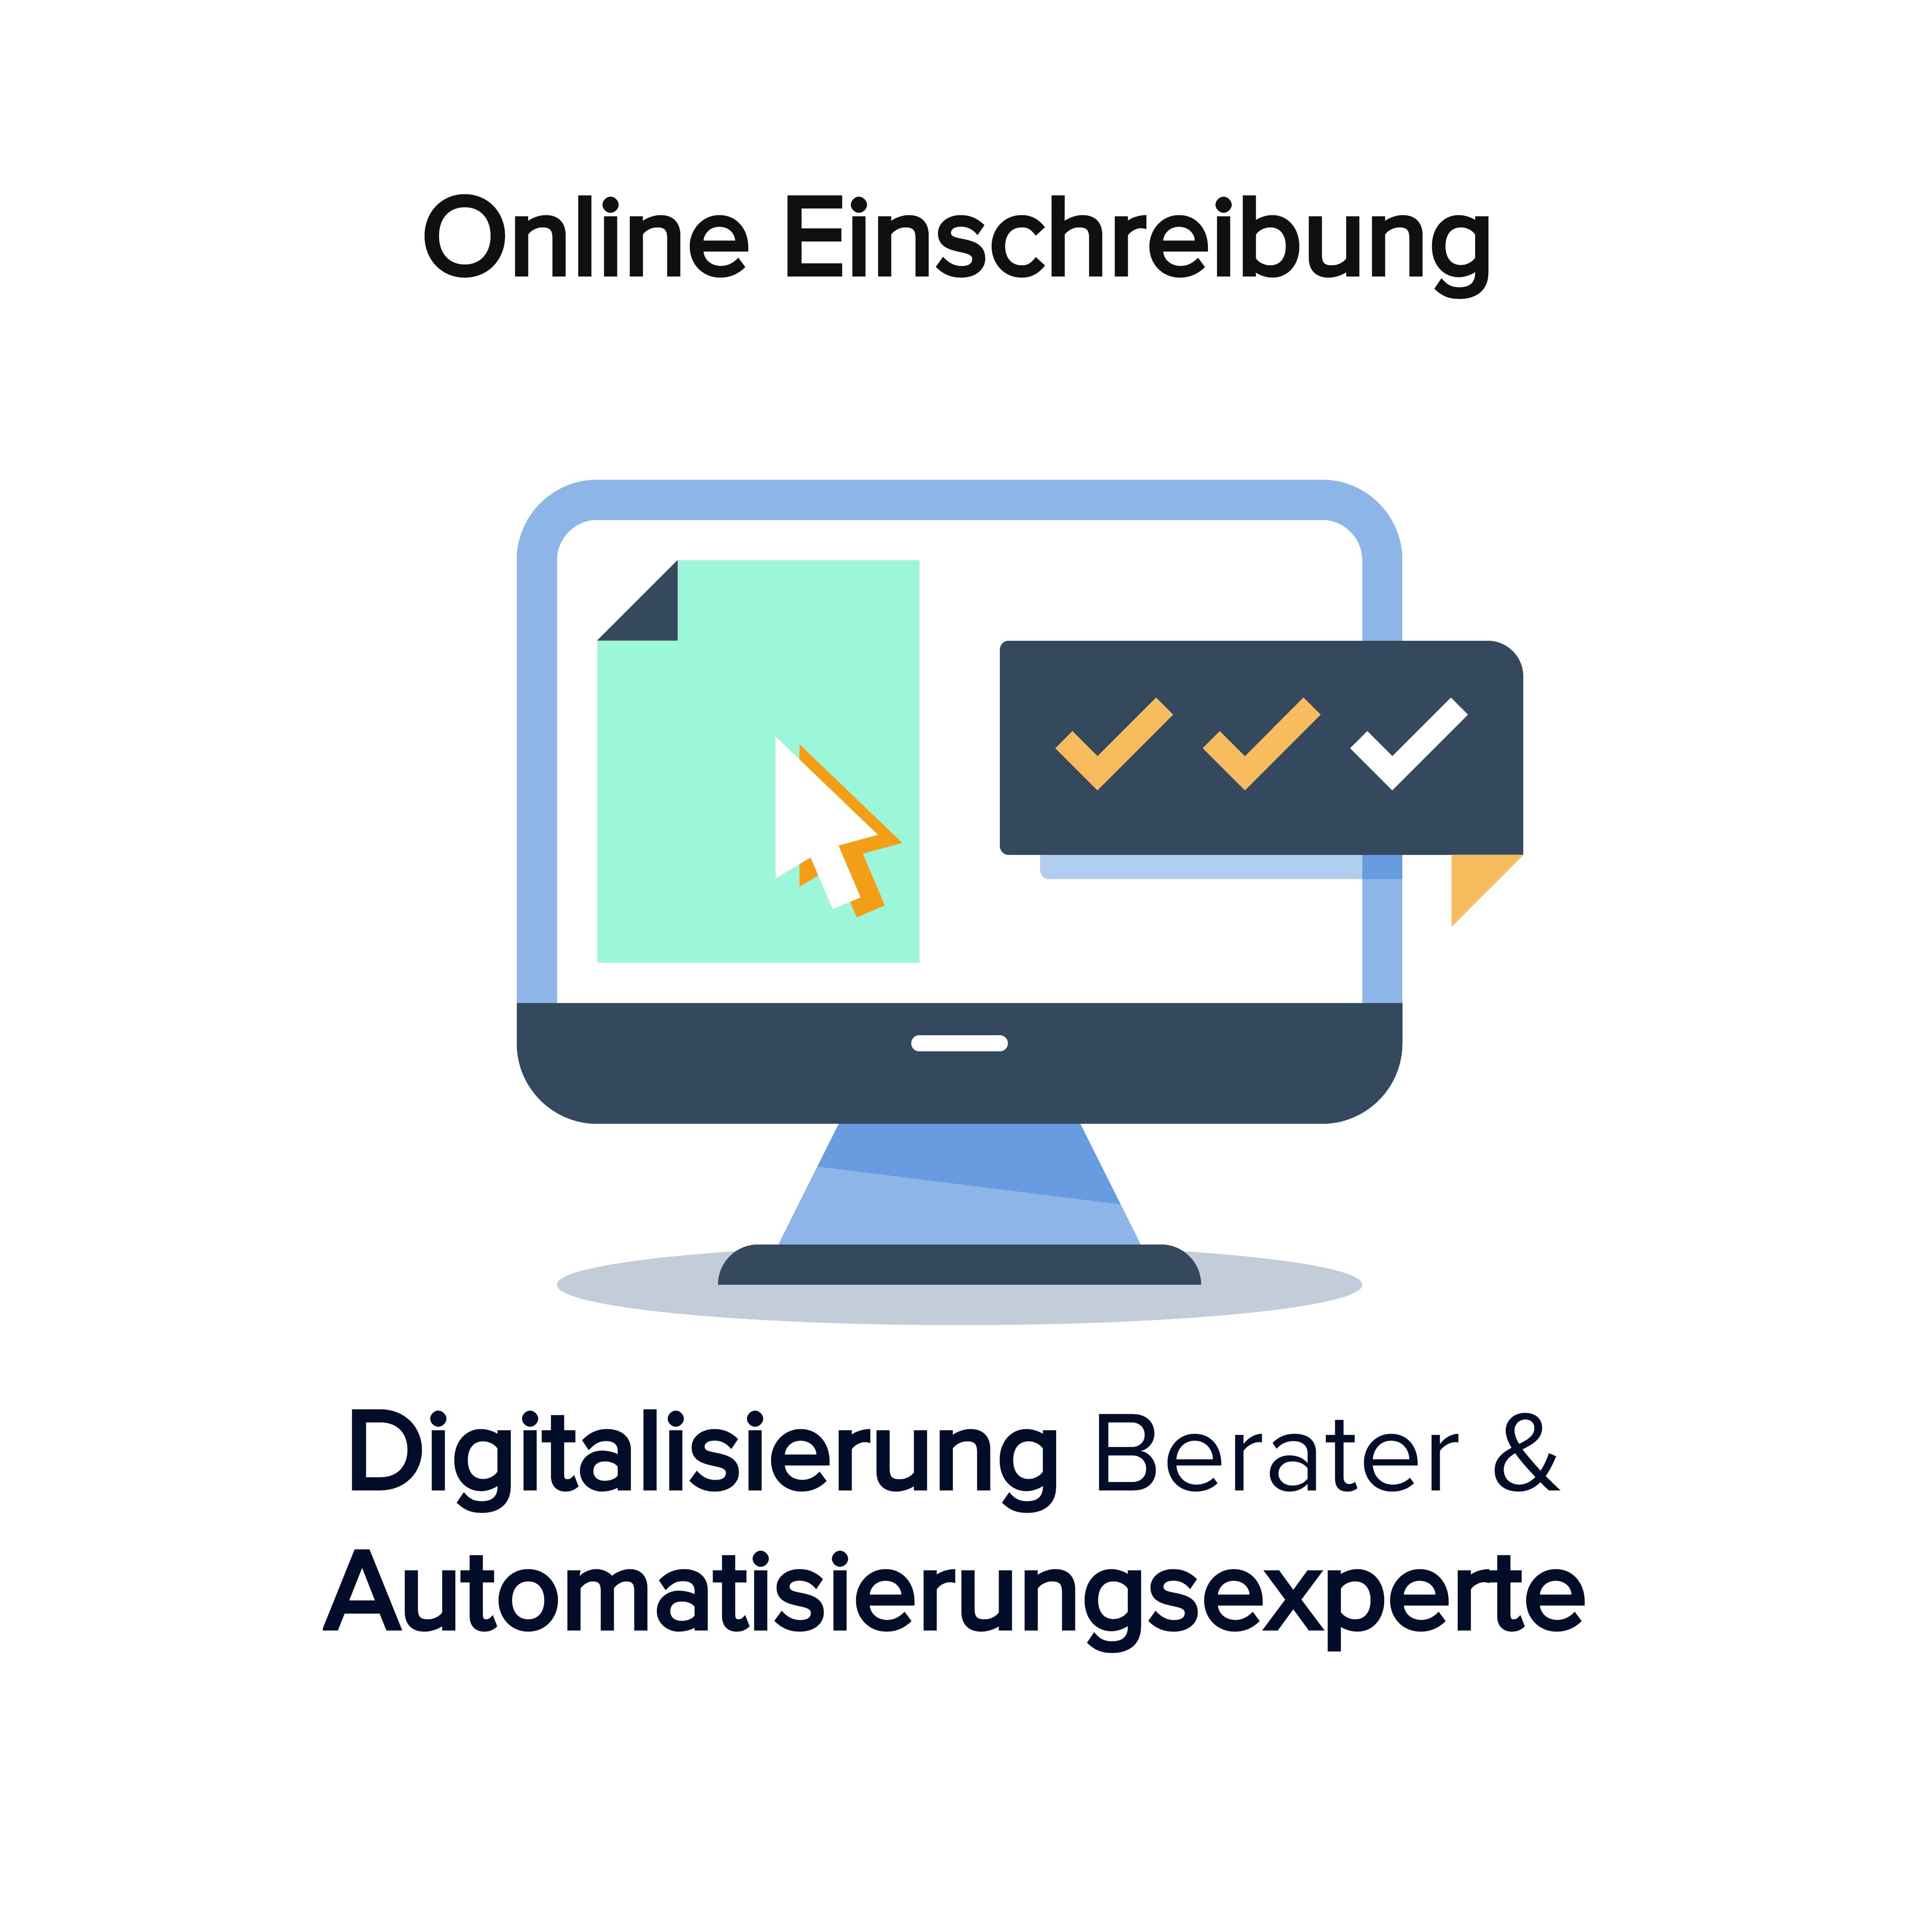 Online Kurs Einschreiben Digitalberater Automatisierung Experte